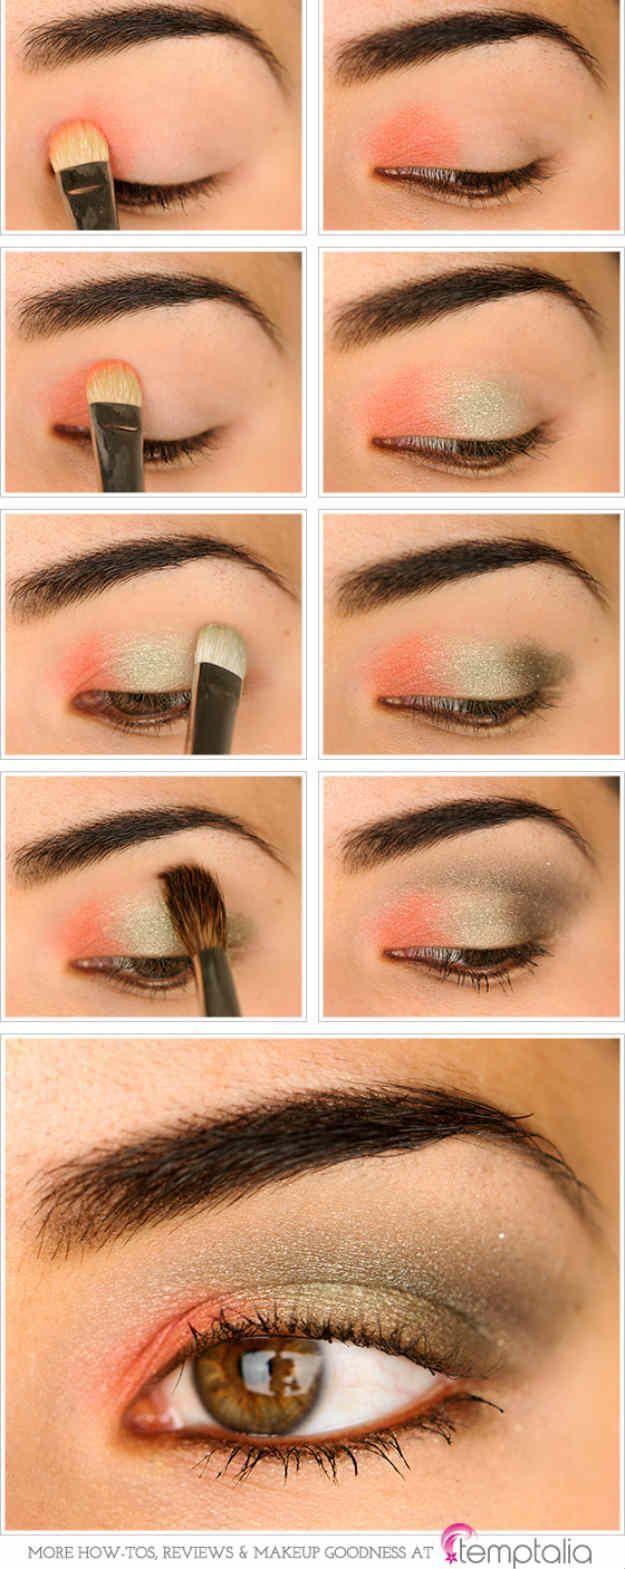 Eyeshadow for brown eyes brown eye makeup tutorial eye makeup coral and olive eyes eyeshadow for brown eyes makeup tutorials guide baditri Gallery